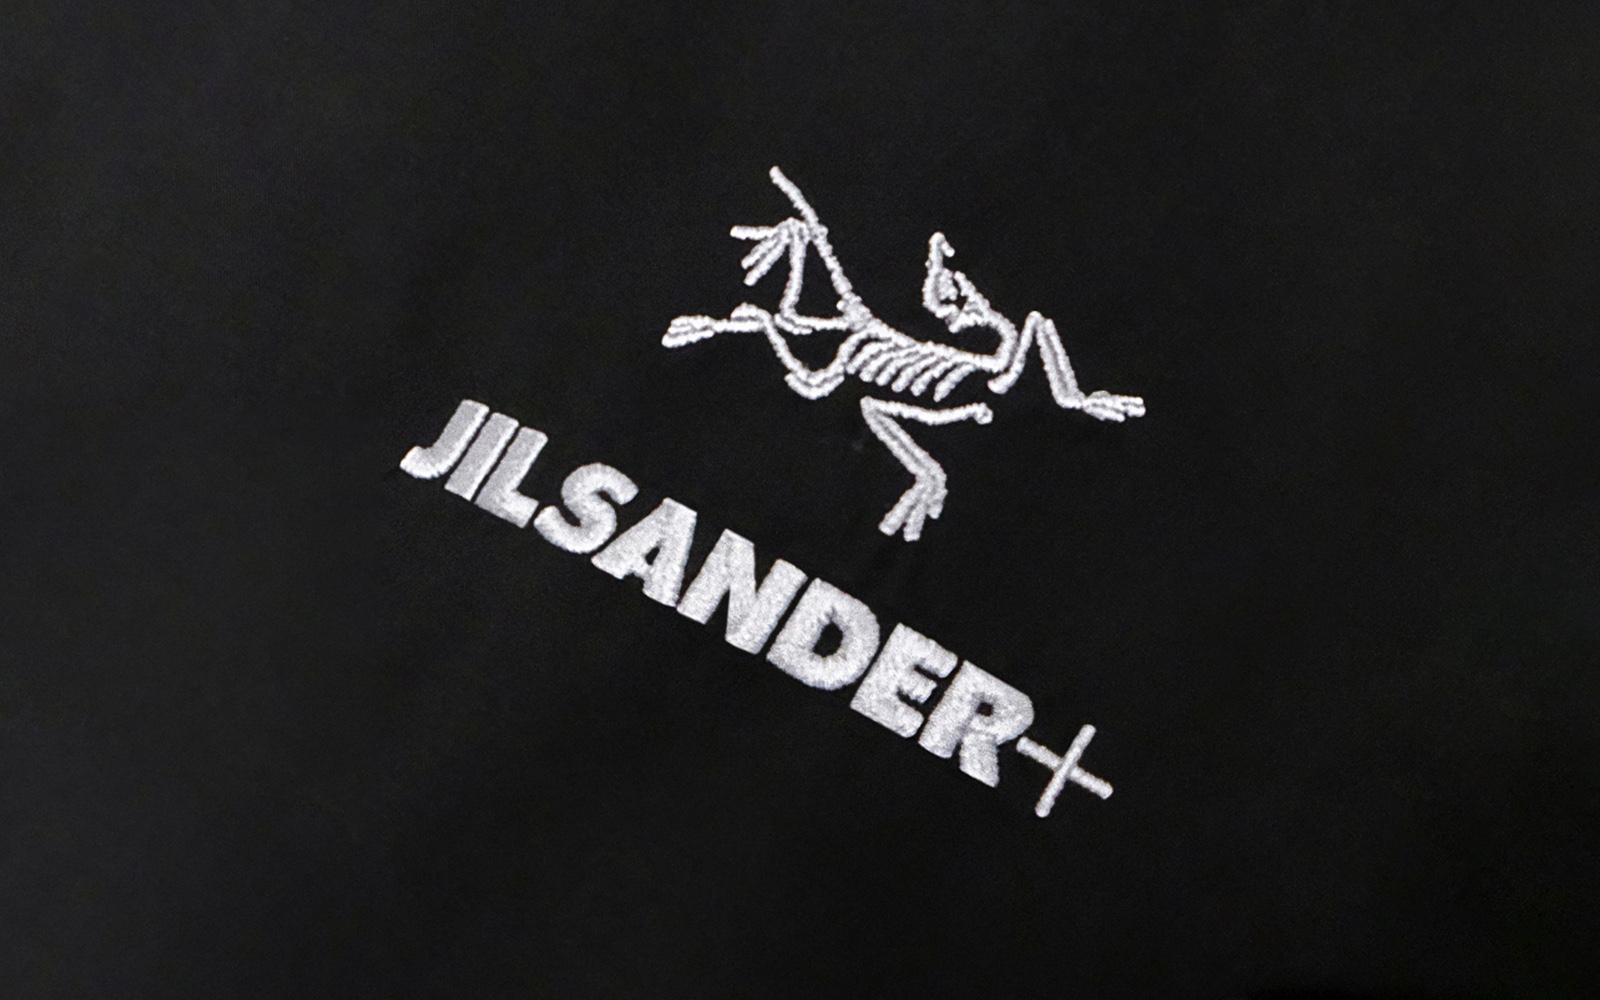 Jil Sander x Arc'teryx